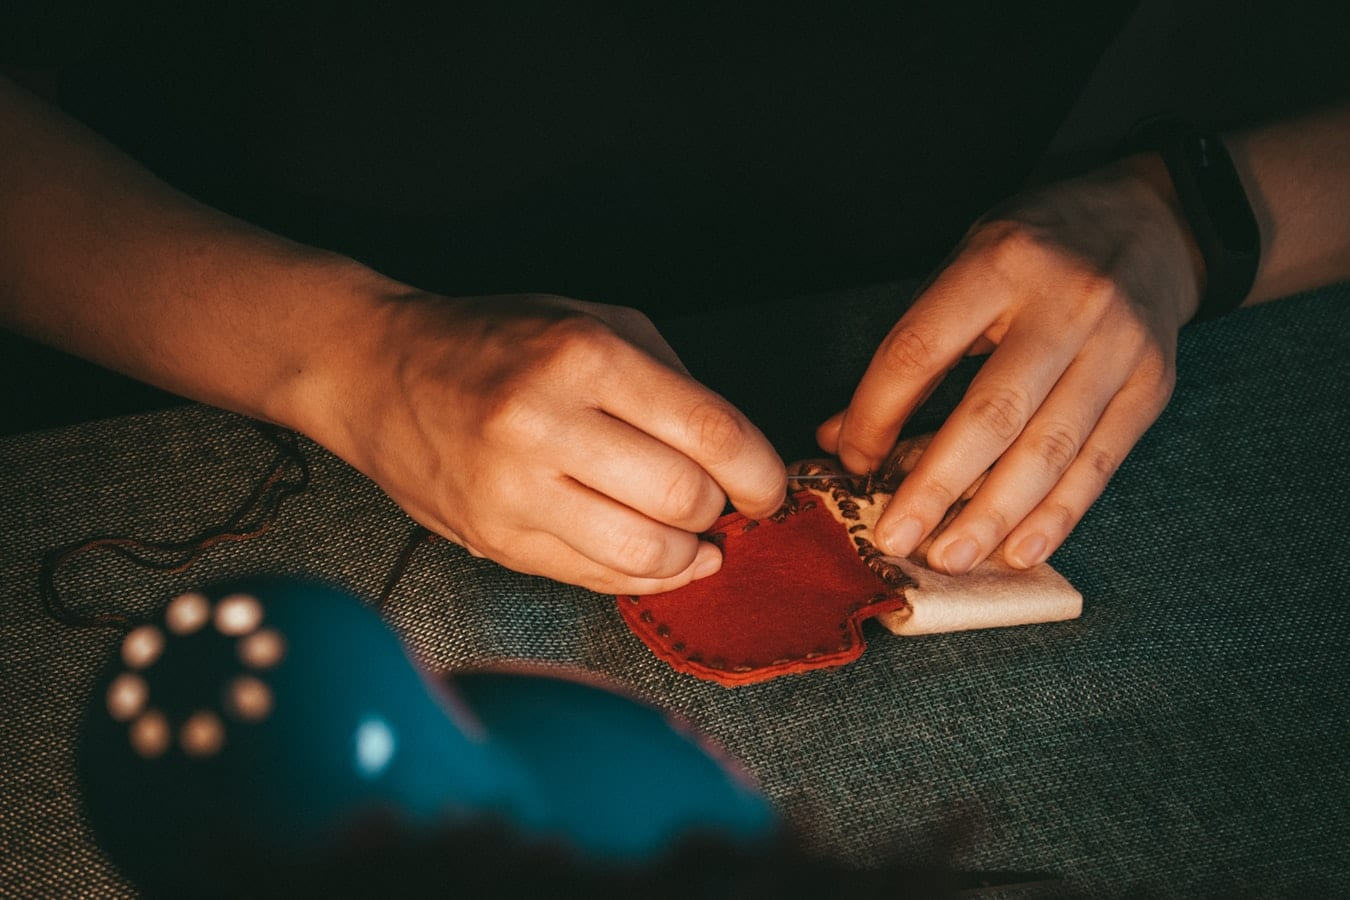 Lavori di artigianato e ricamo